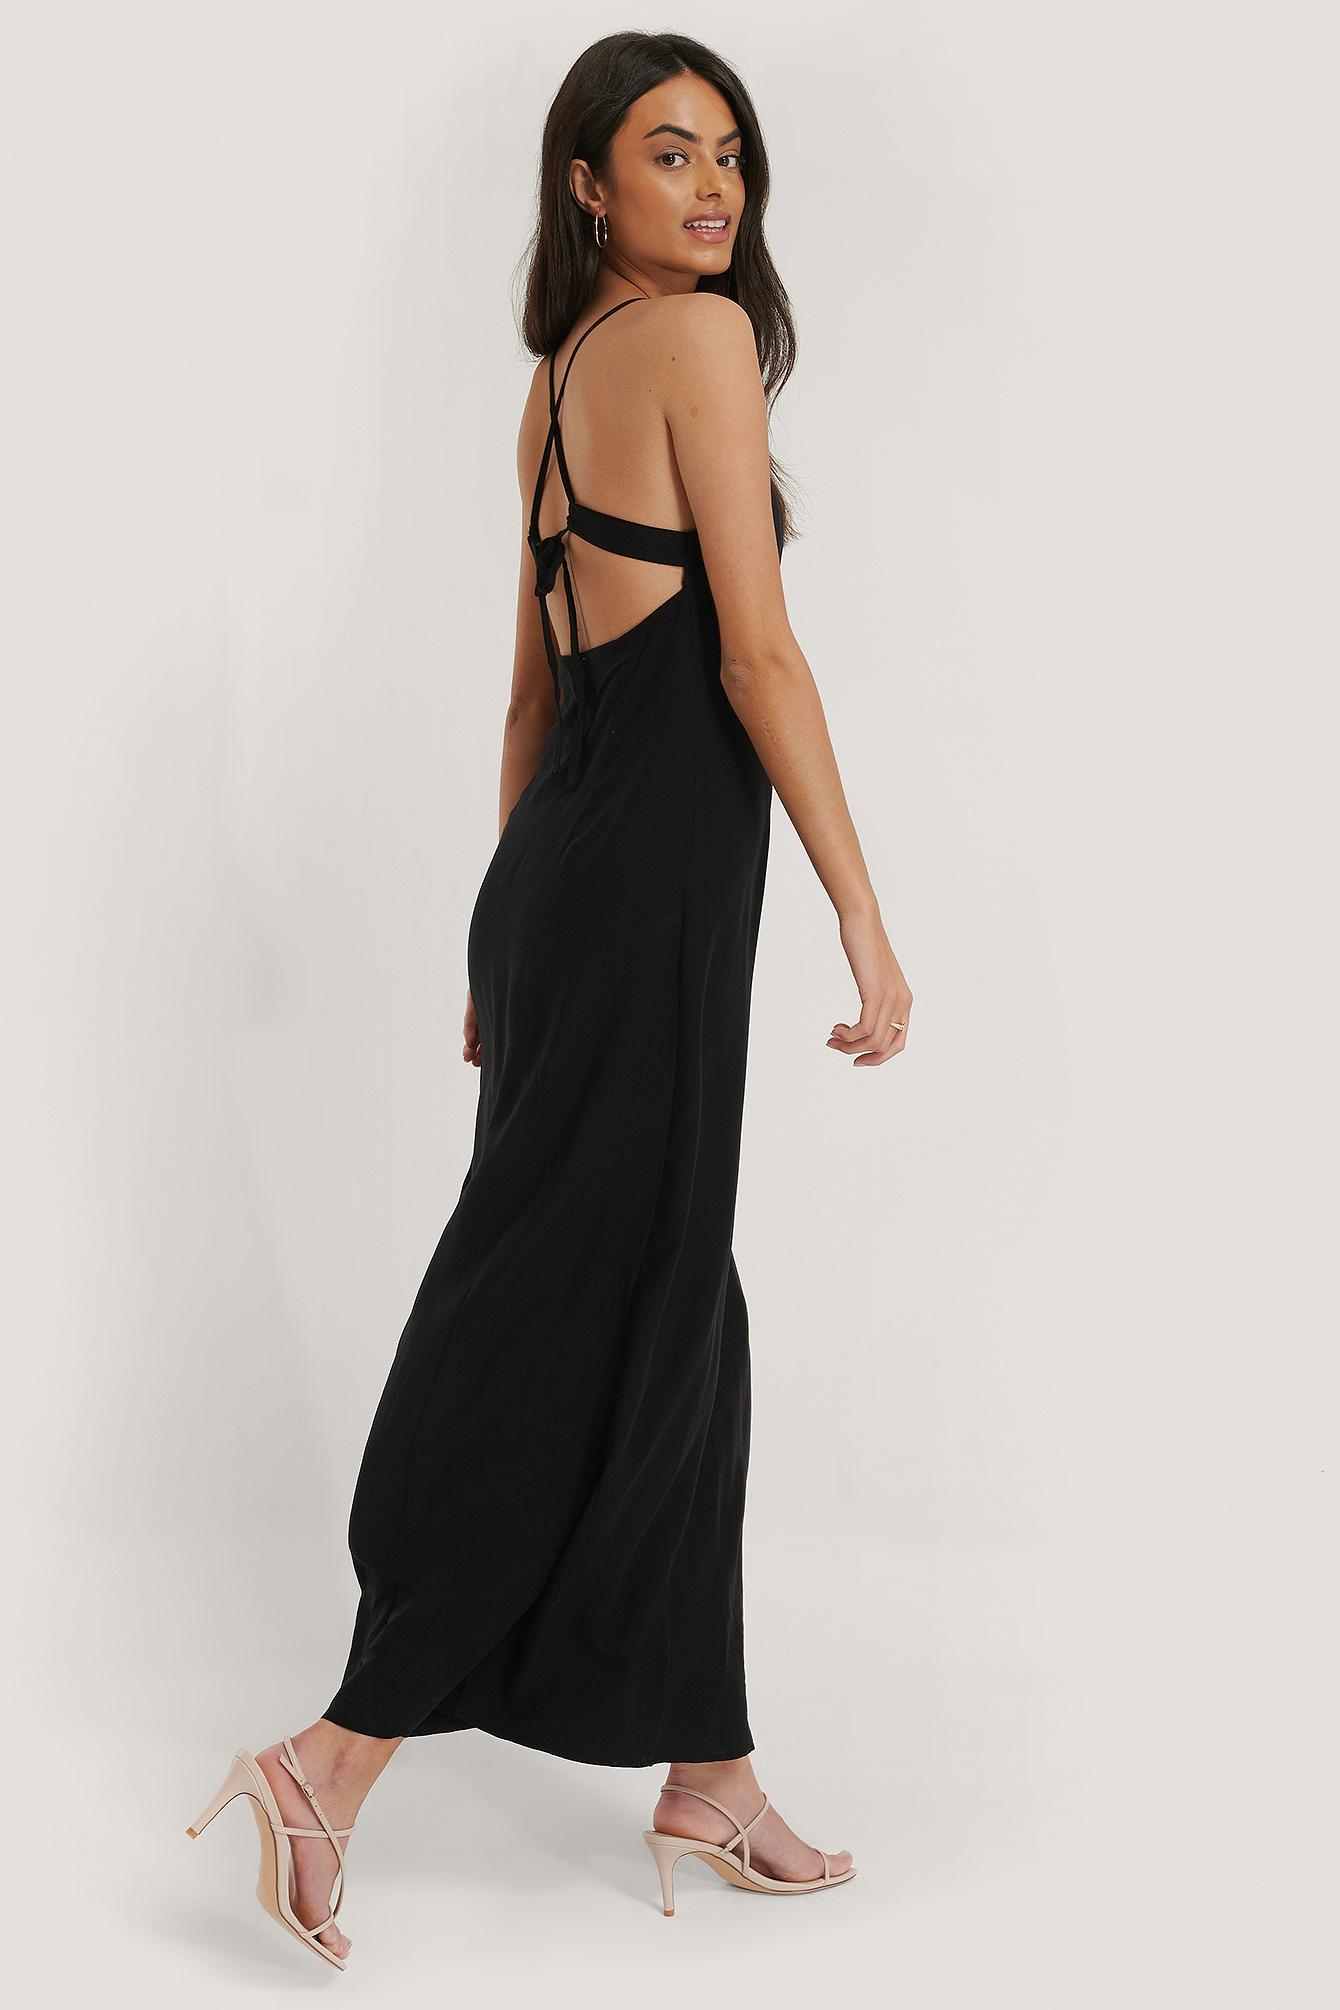 NA-KD Party Kleid Mit Schnürung Hinten - Black | Bekleidung > Kleider > Partykleider | NA-KD Party